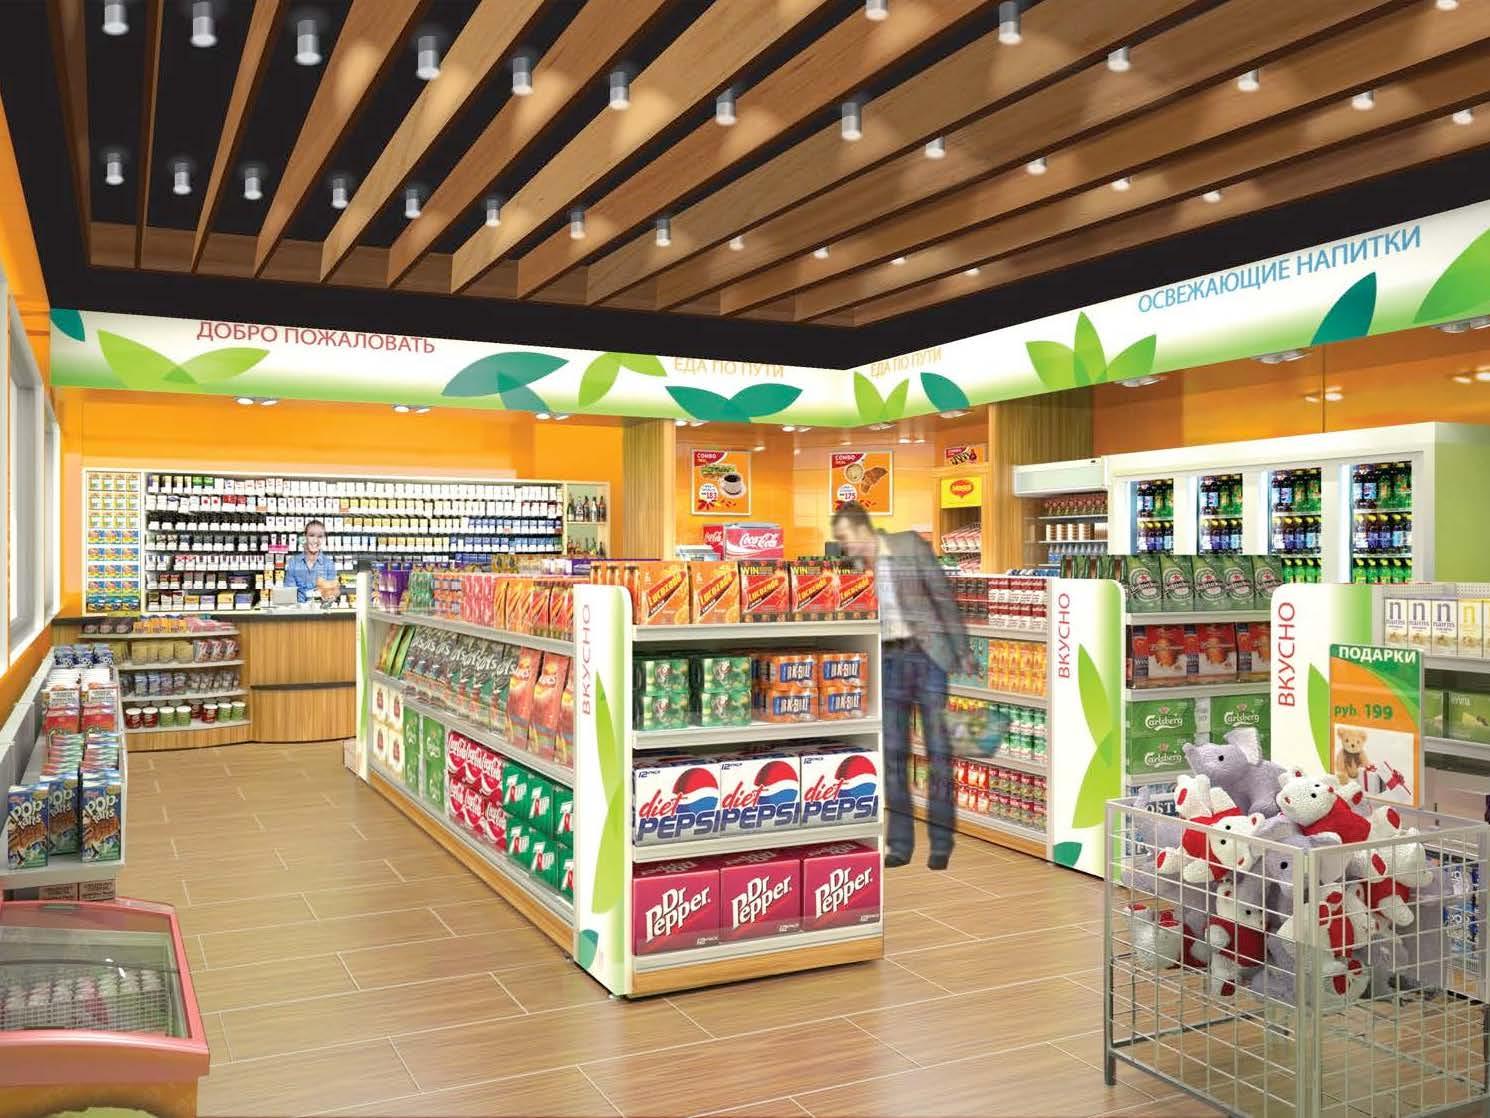 Mẫu thiết kế cho kệ siêu thị tại Biên Hòa, Đồng Nai